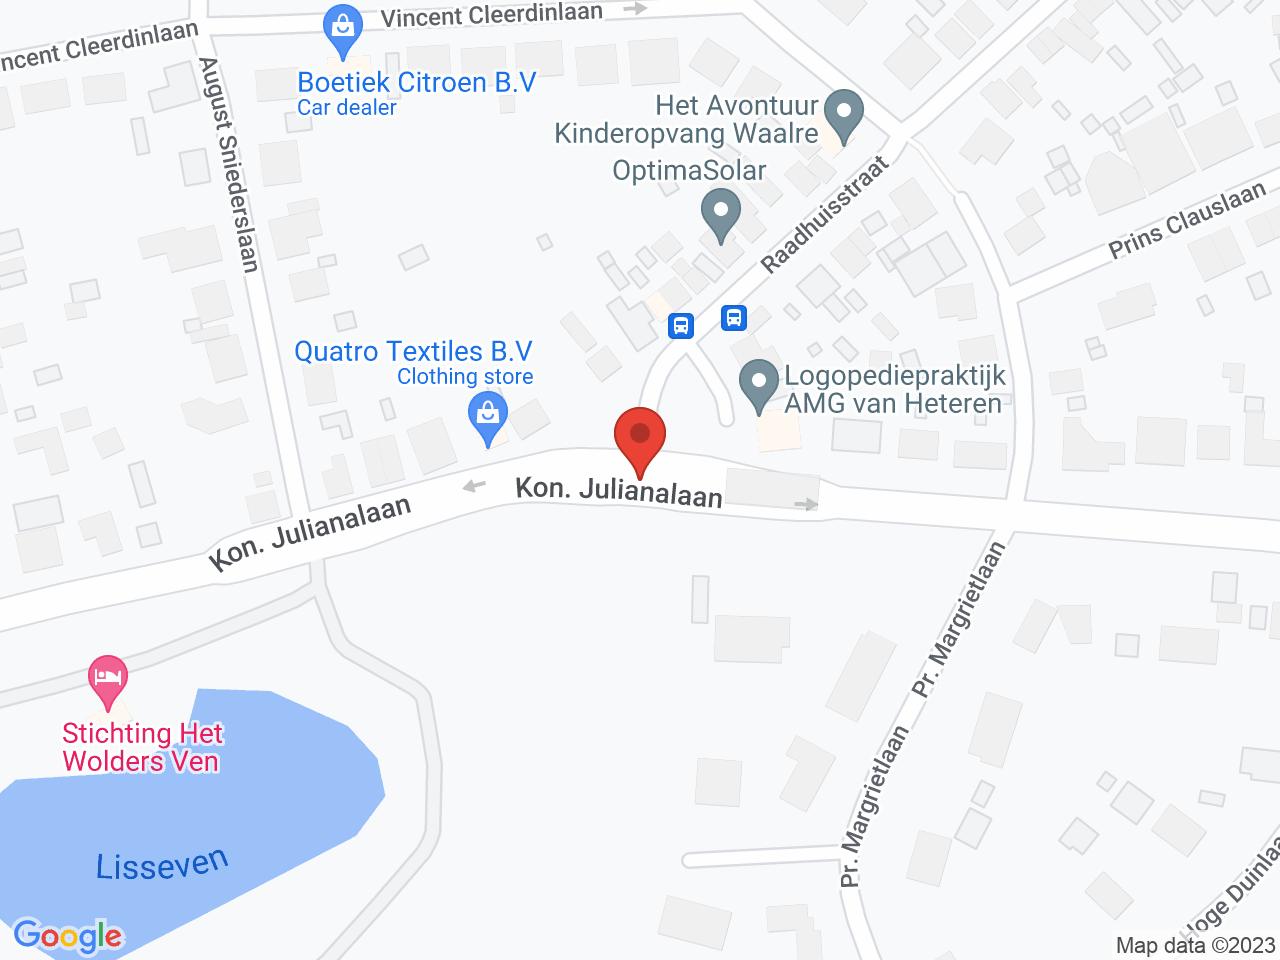 Asfaltwerkzaamheden kruising Koningin Julianalaan / Raadhuisstraat: 16 en 17 oktober 2021 op een kaart getoond.